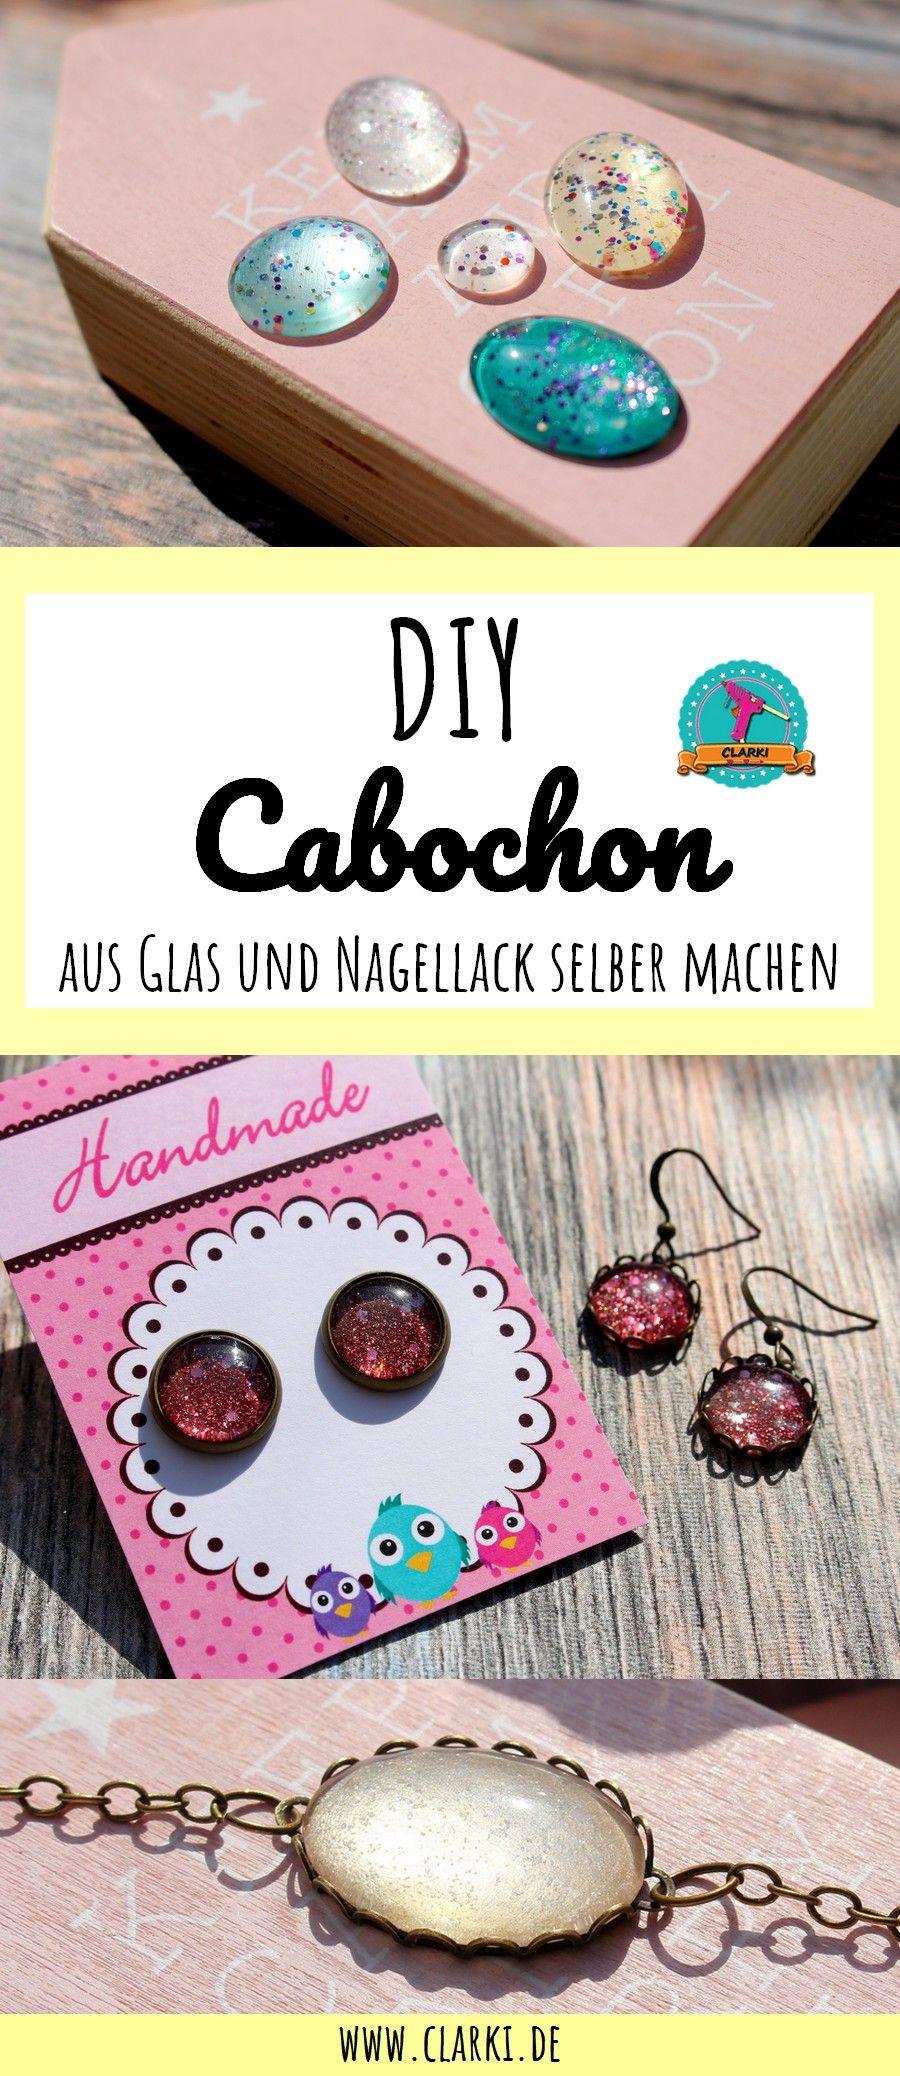 Cabochon DIY: Schmucksteine aus Glas und Nagellack selber machen ...